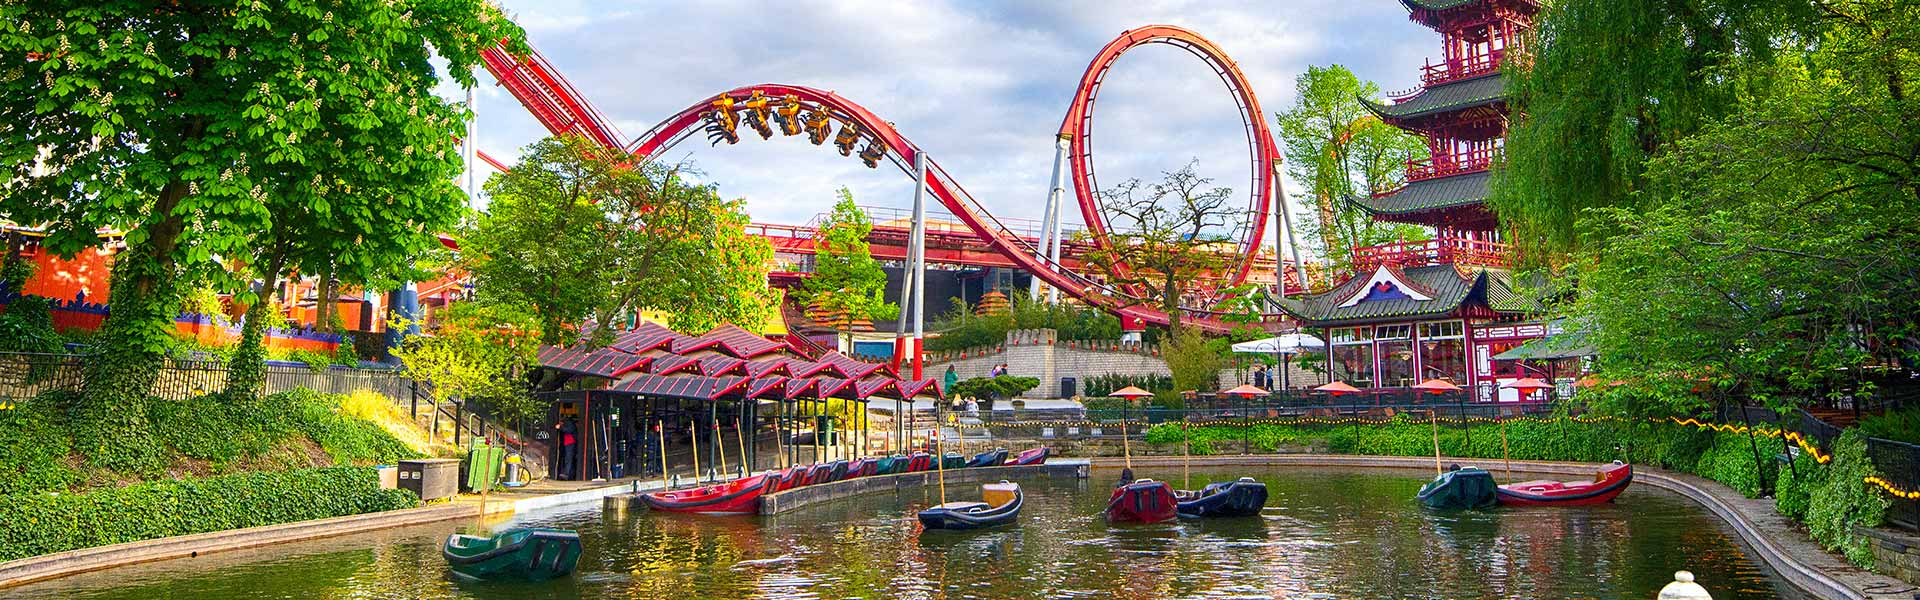 Abschalten, Spaß haben – der Tivoli Freizeitpark in Kopenhagen, Dänemark